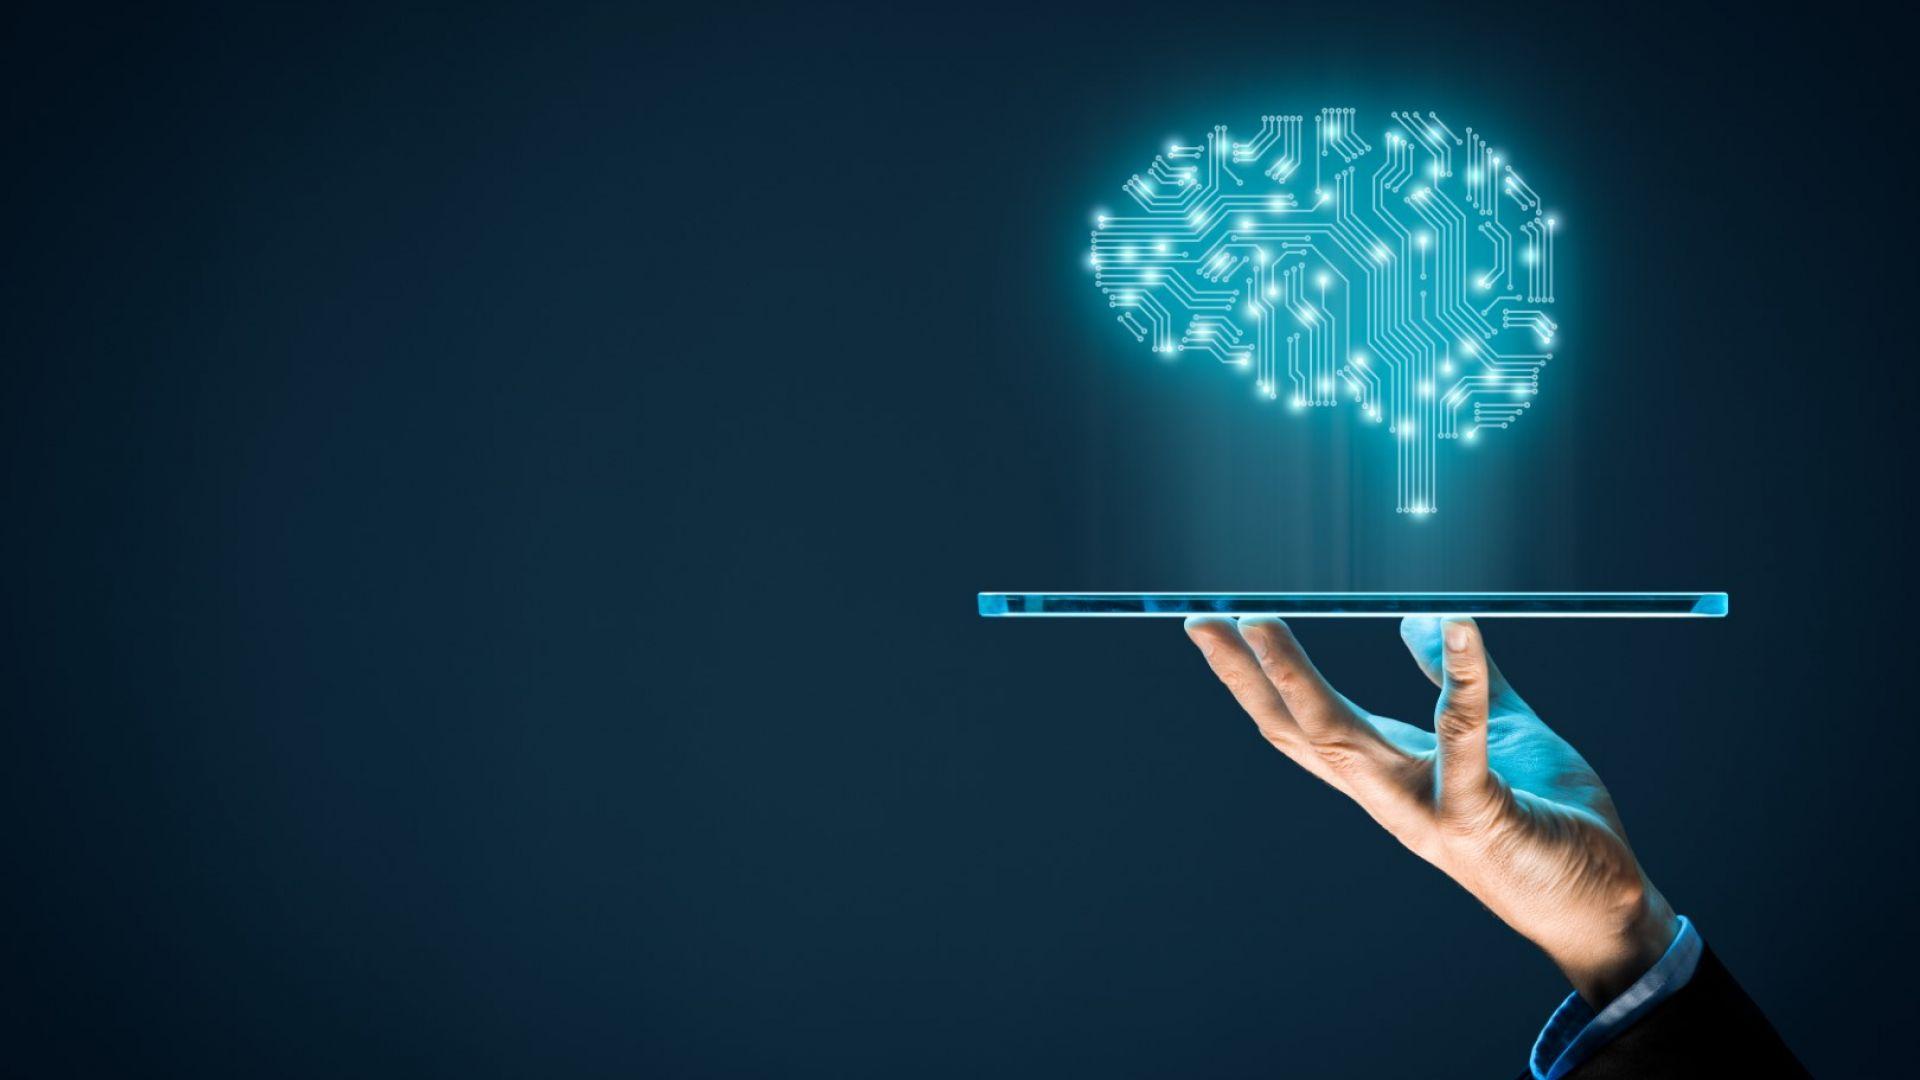 Днес изкуственият интелект е част от почти всеки смартфон